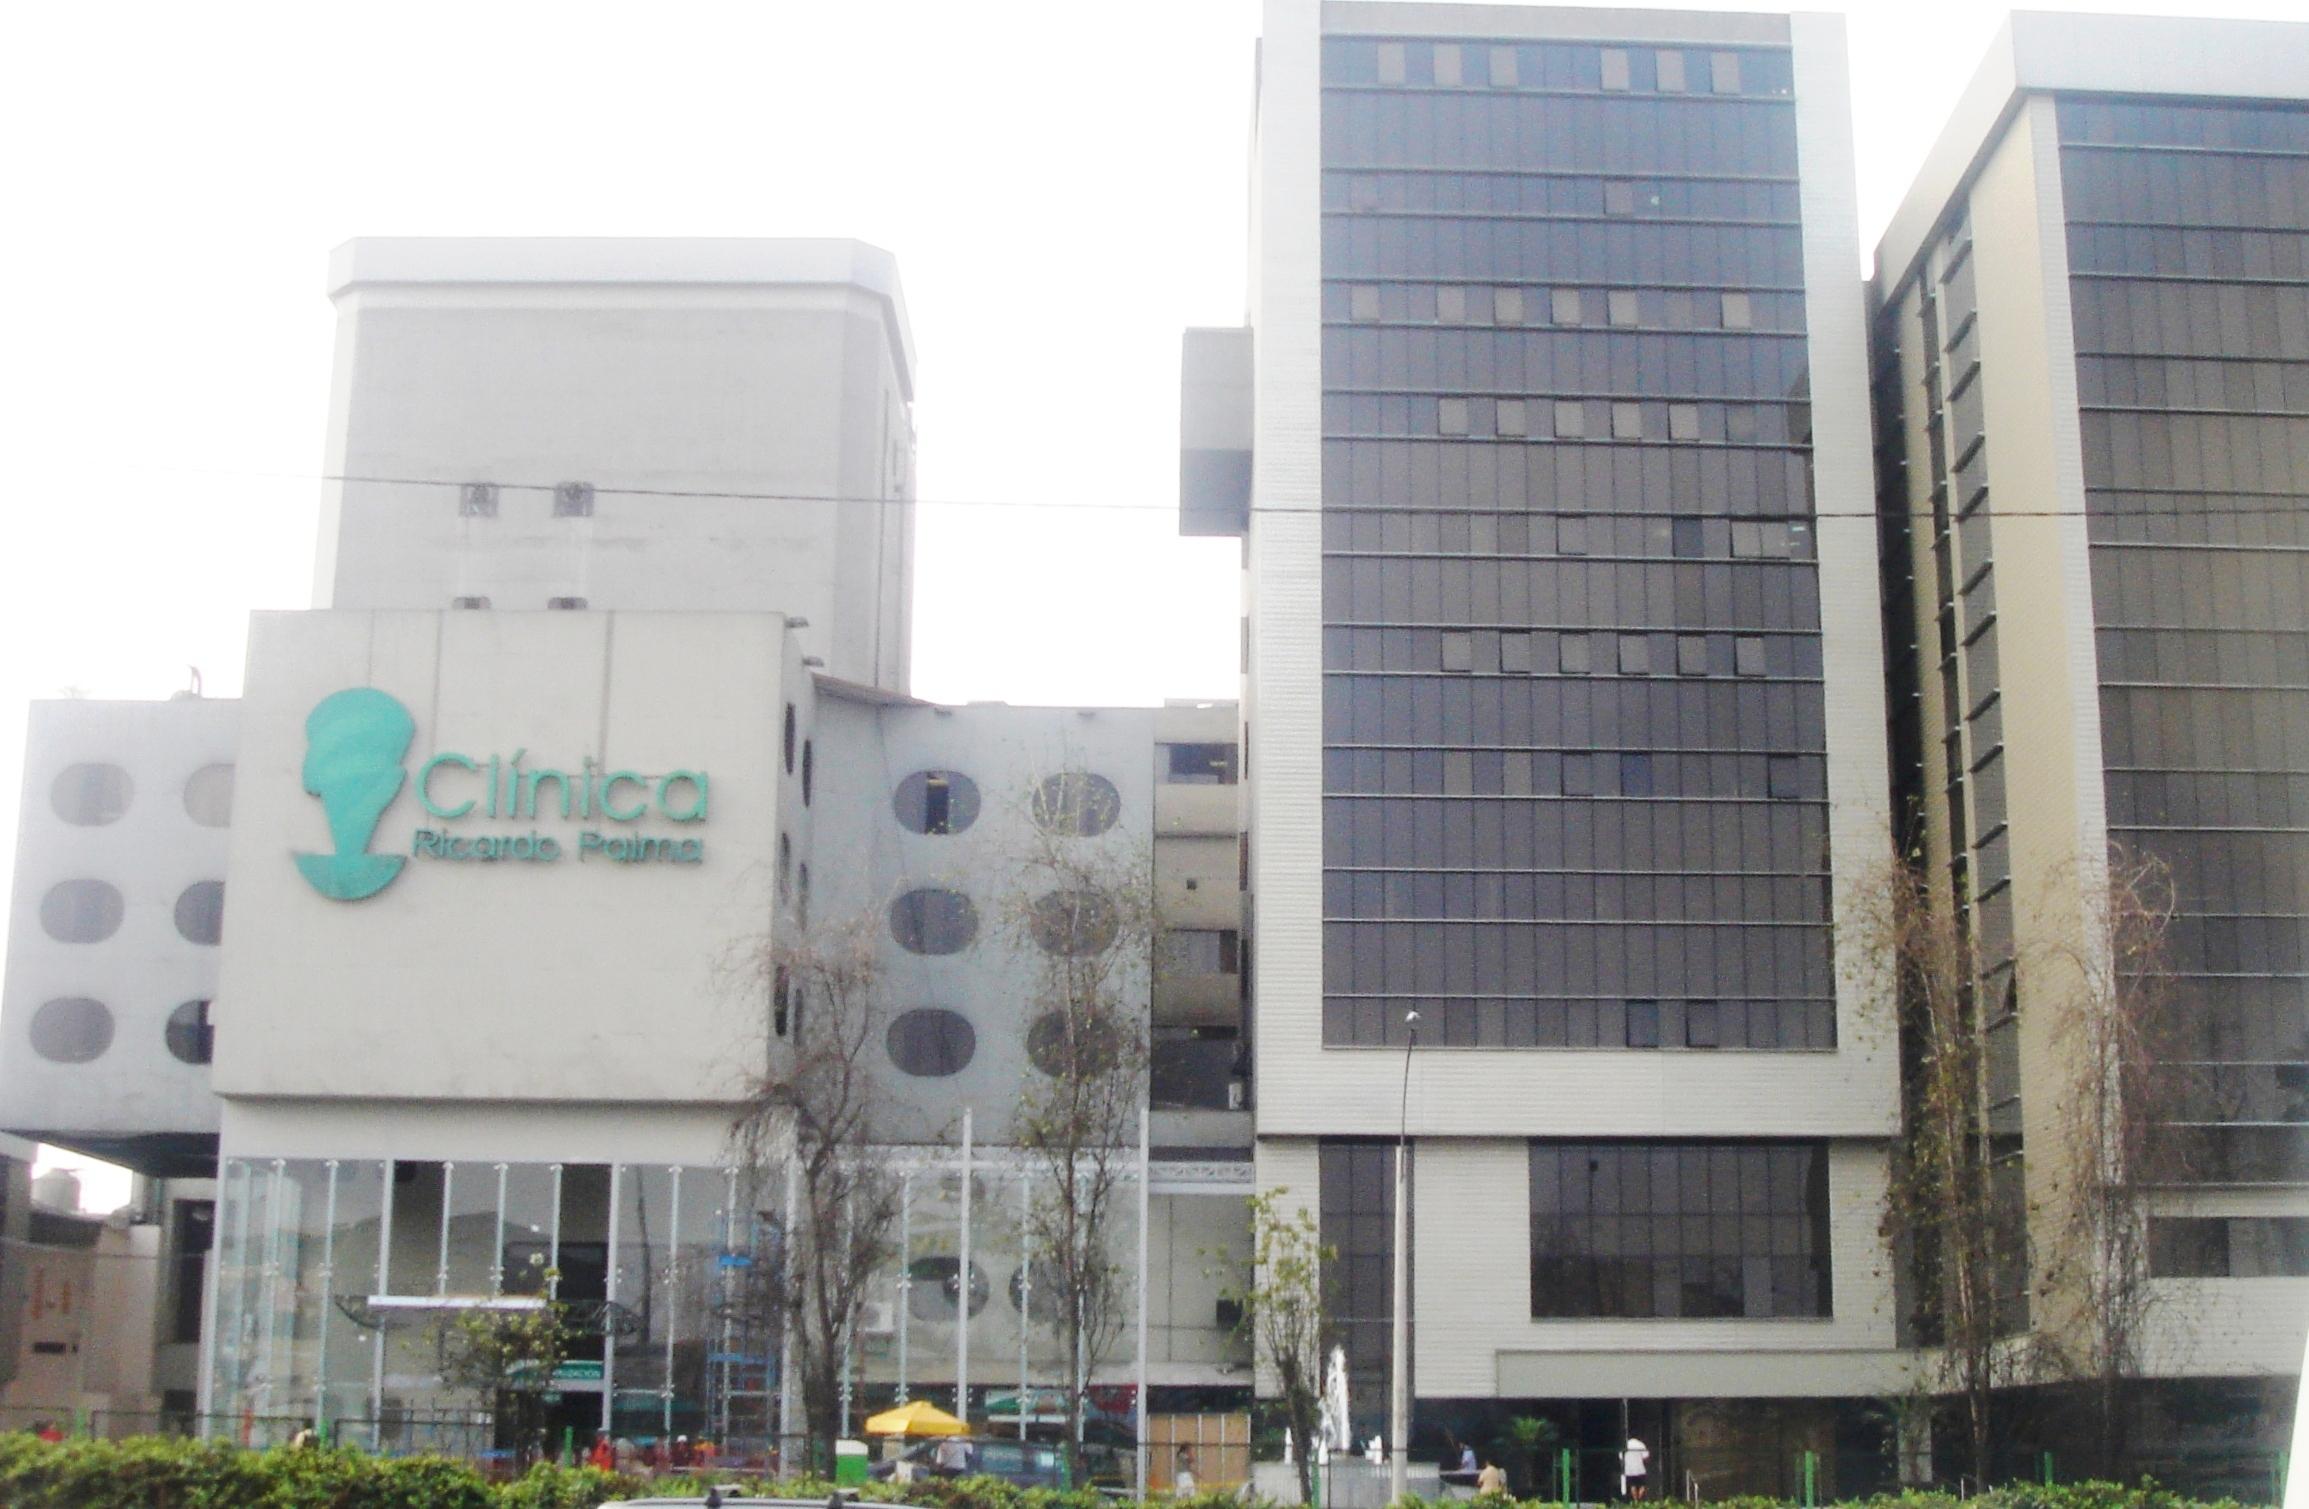 Clinica Villa Del Sole Napoli Fecondazione Assistita